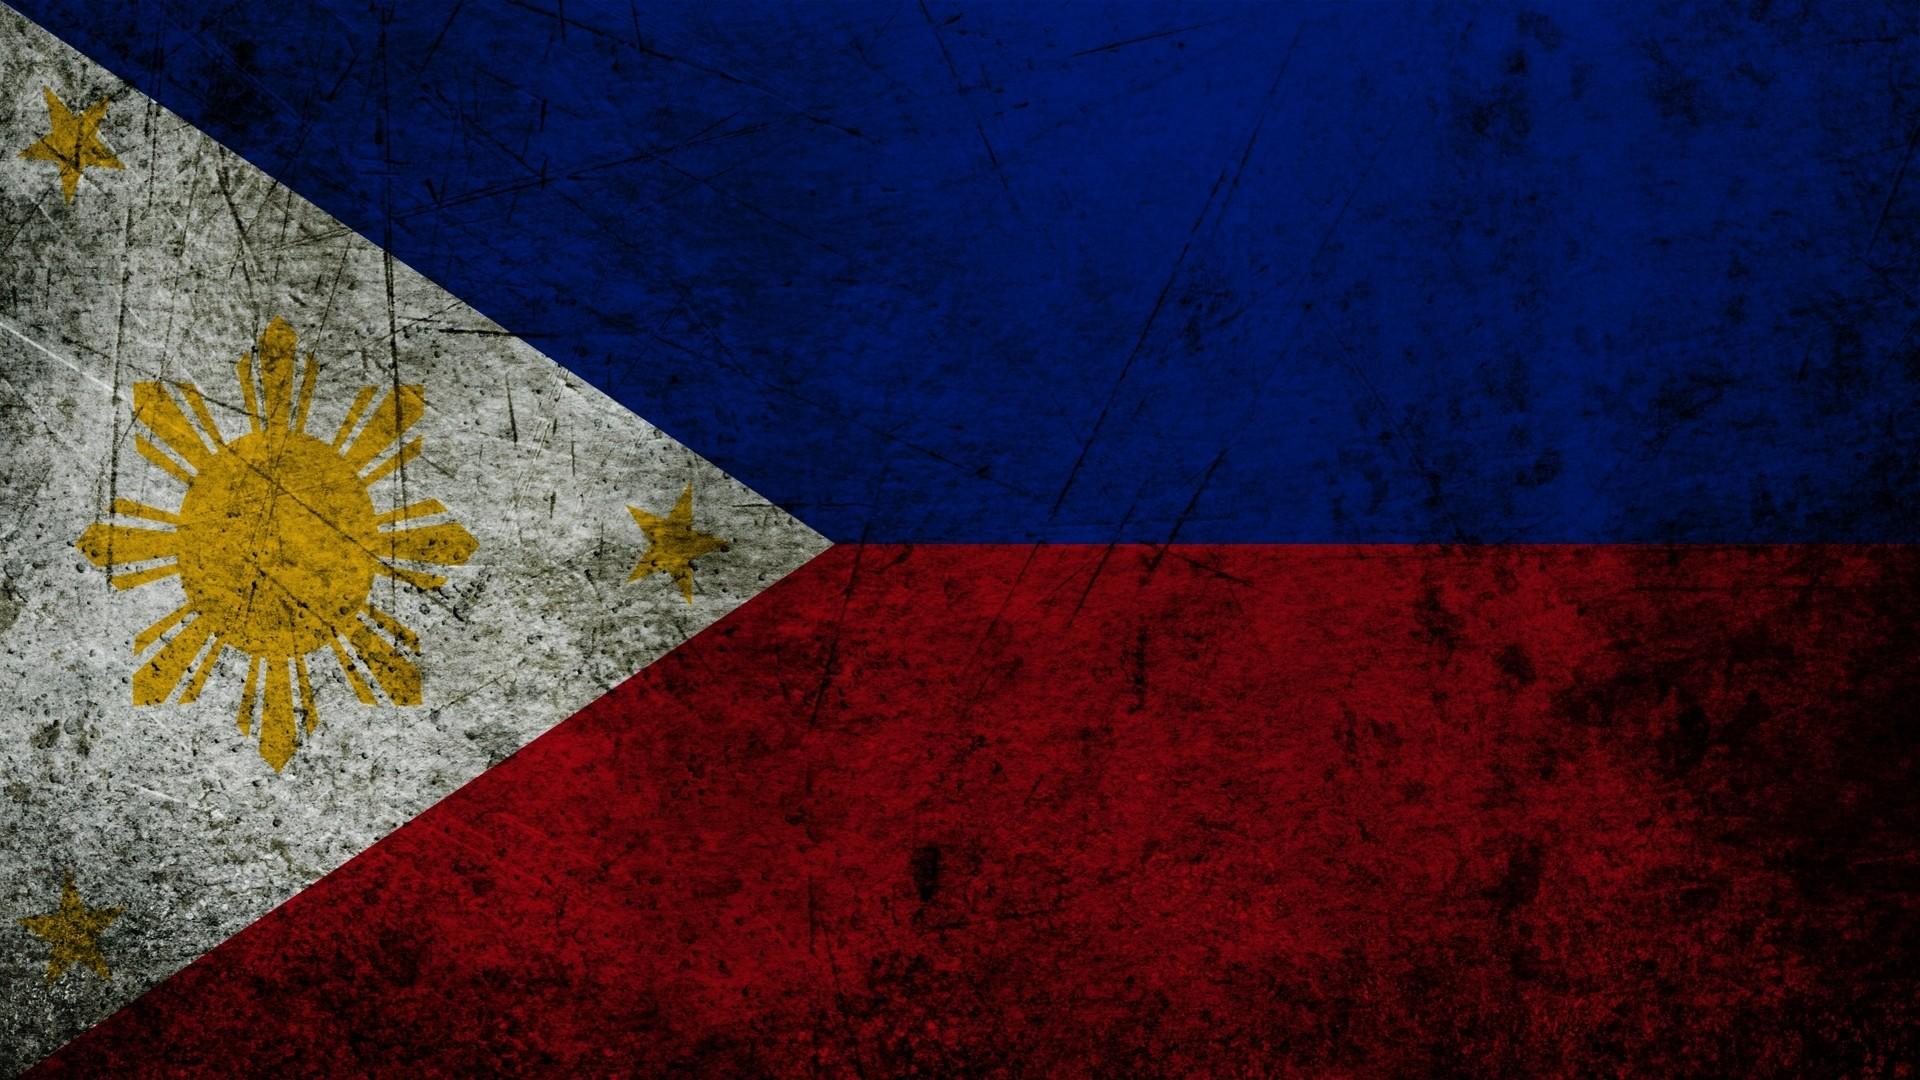 Philippines-Flag-Grunge-Wallpaper